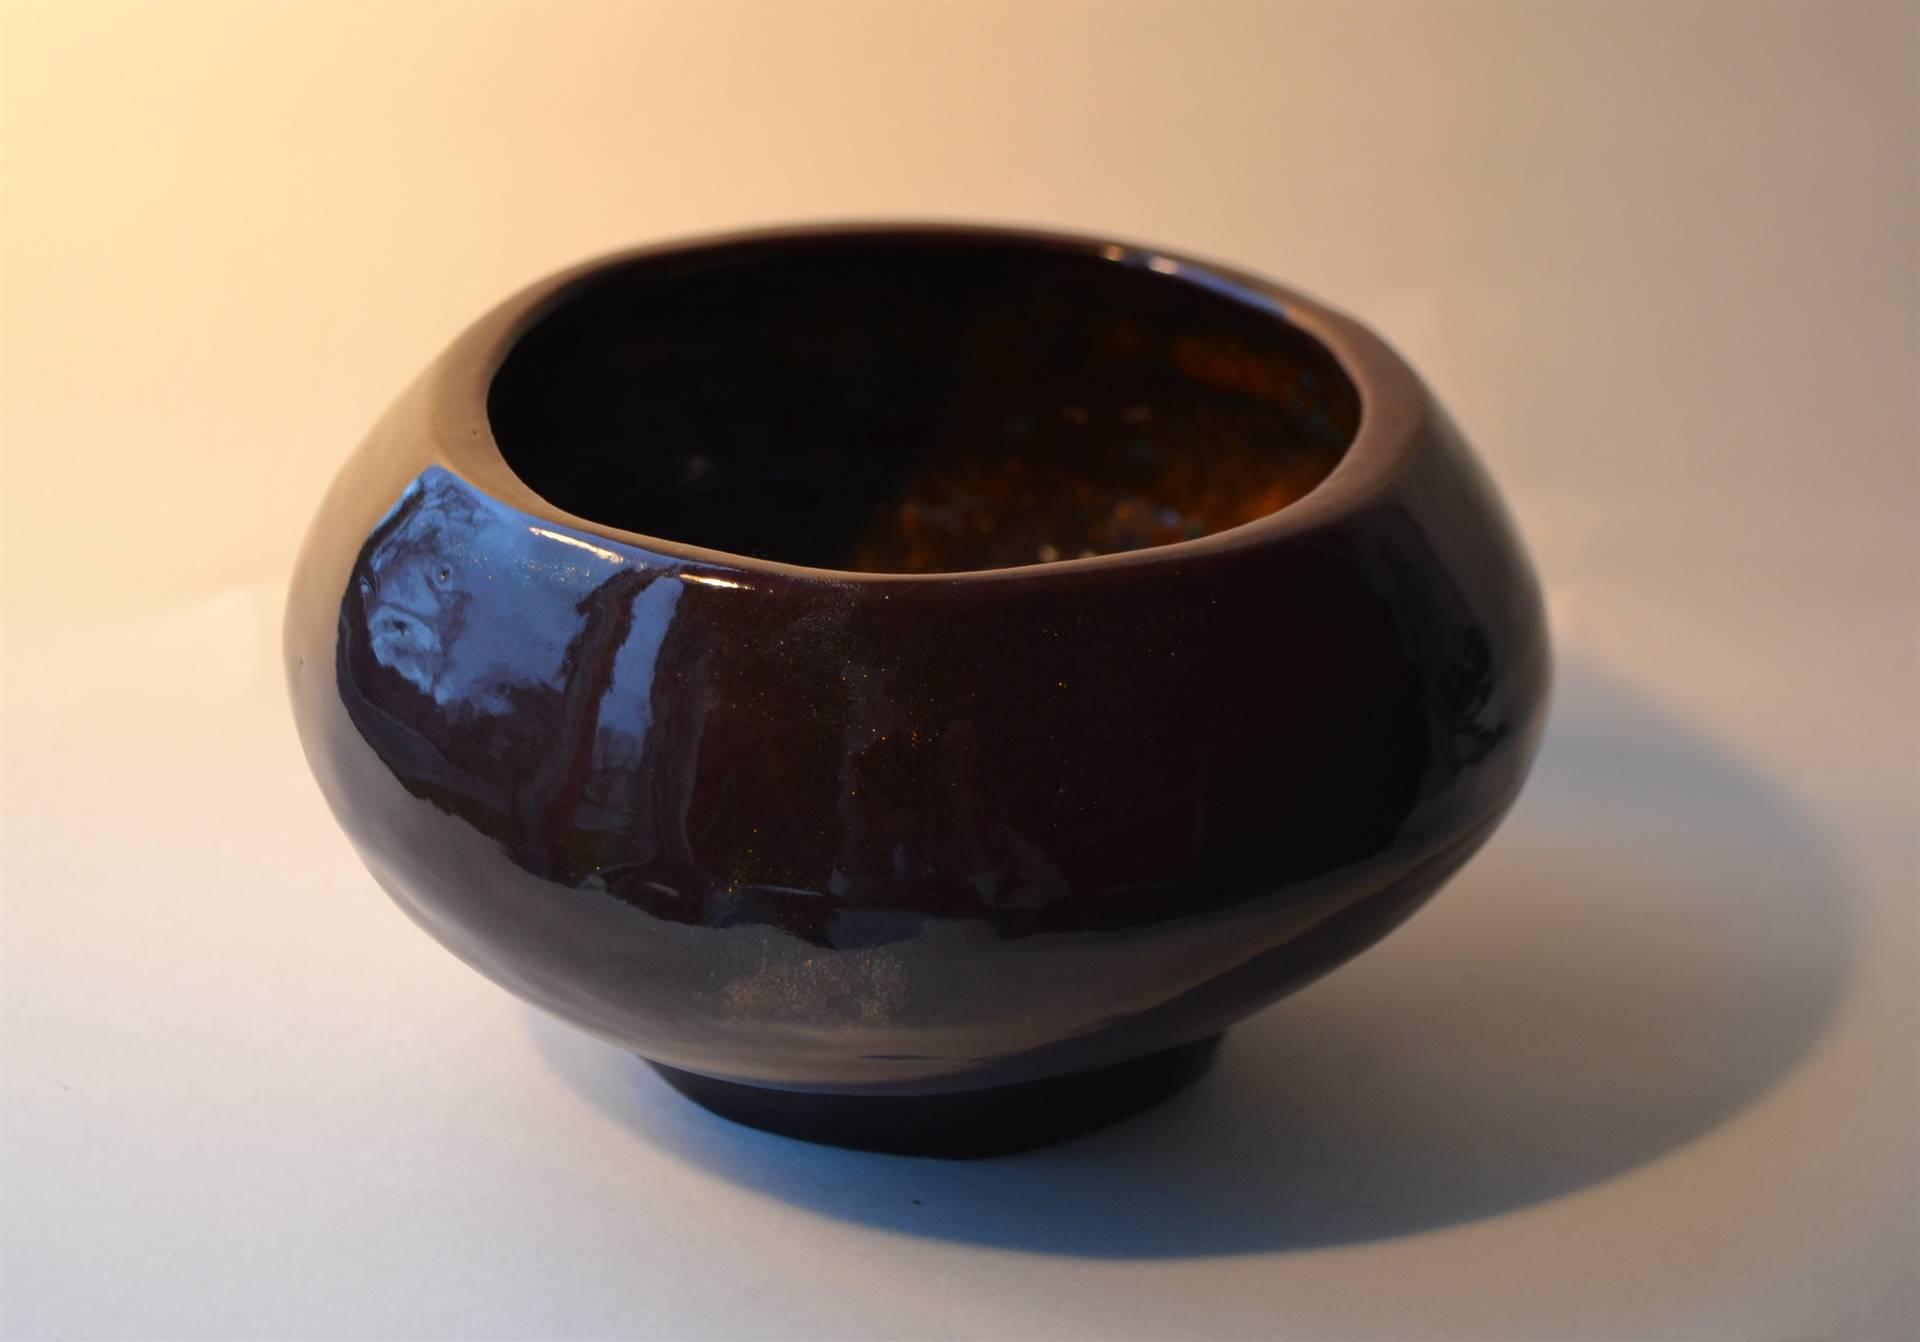 Cora Monaghan, coil built bowl, 3.5 x 5.5, 2016